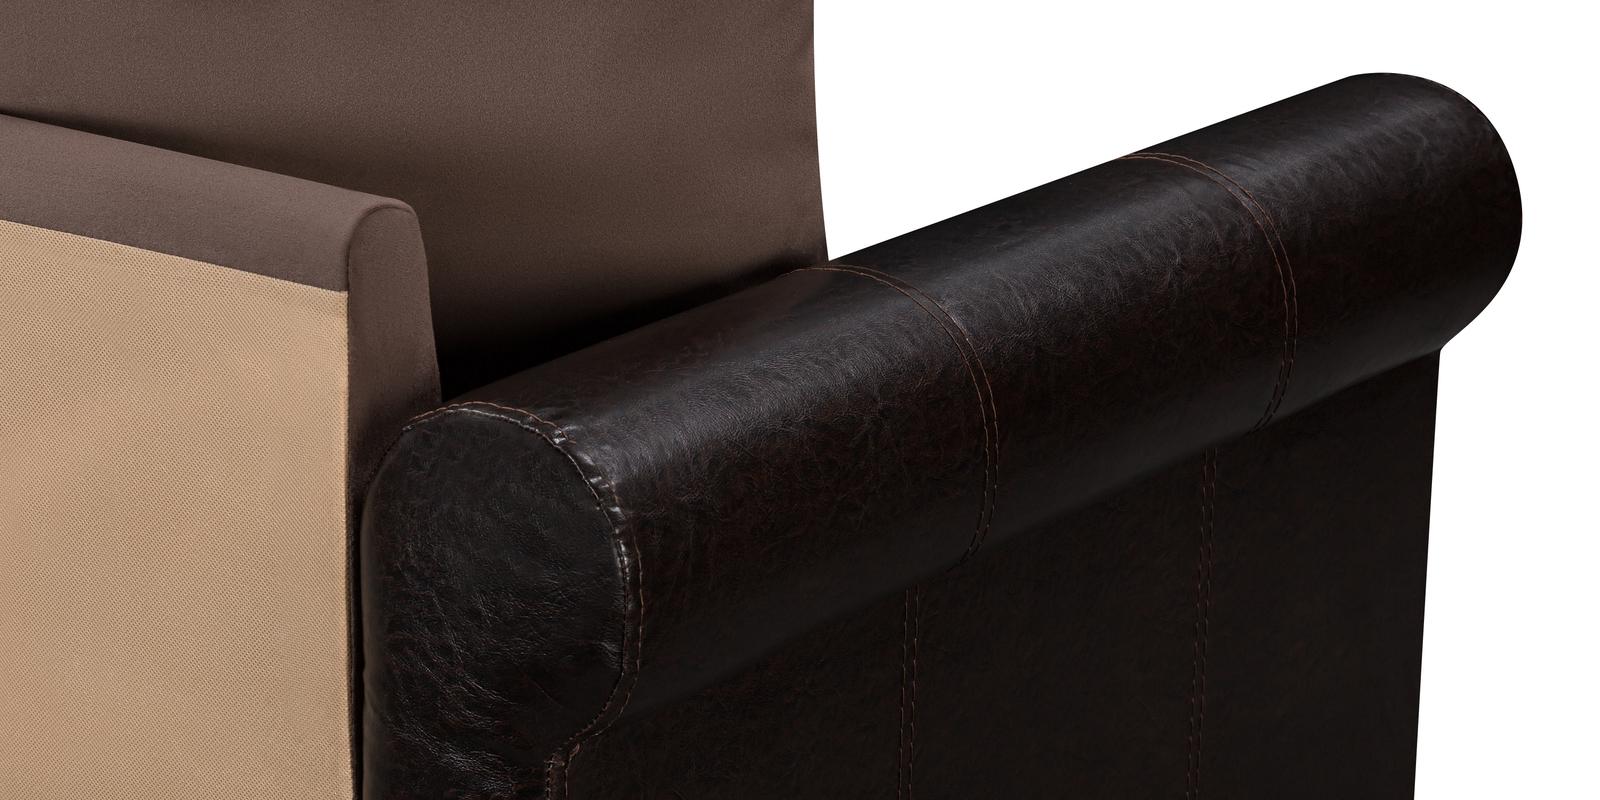 Диван тканевый угловой Рейн Velure темно-коричневый (Велюр + Экокожа)